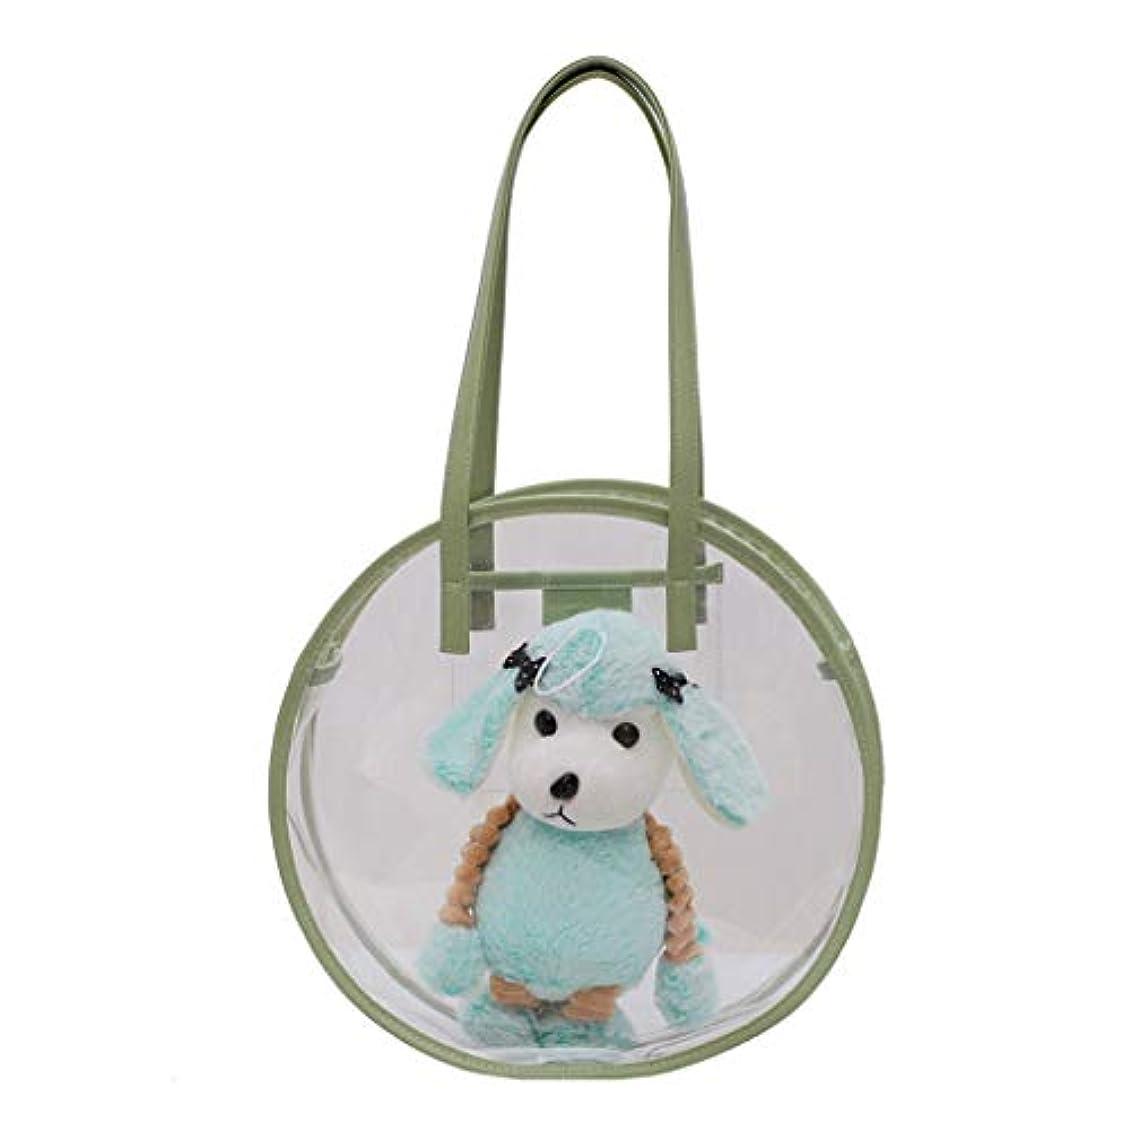 素子王室作り上げるかわいいファッション 犬の特徴 透明防水 ビーチバッグ ポータブル 透明化粧品バッグ 旅行用メイクポーチ ジッパー 防水 トートバッグ 取り外し可能 調整 33X9X33cm 3色